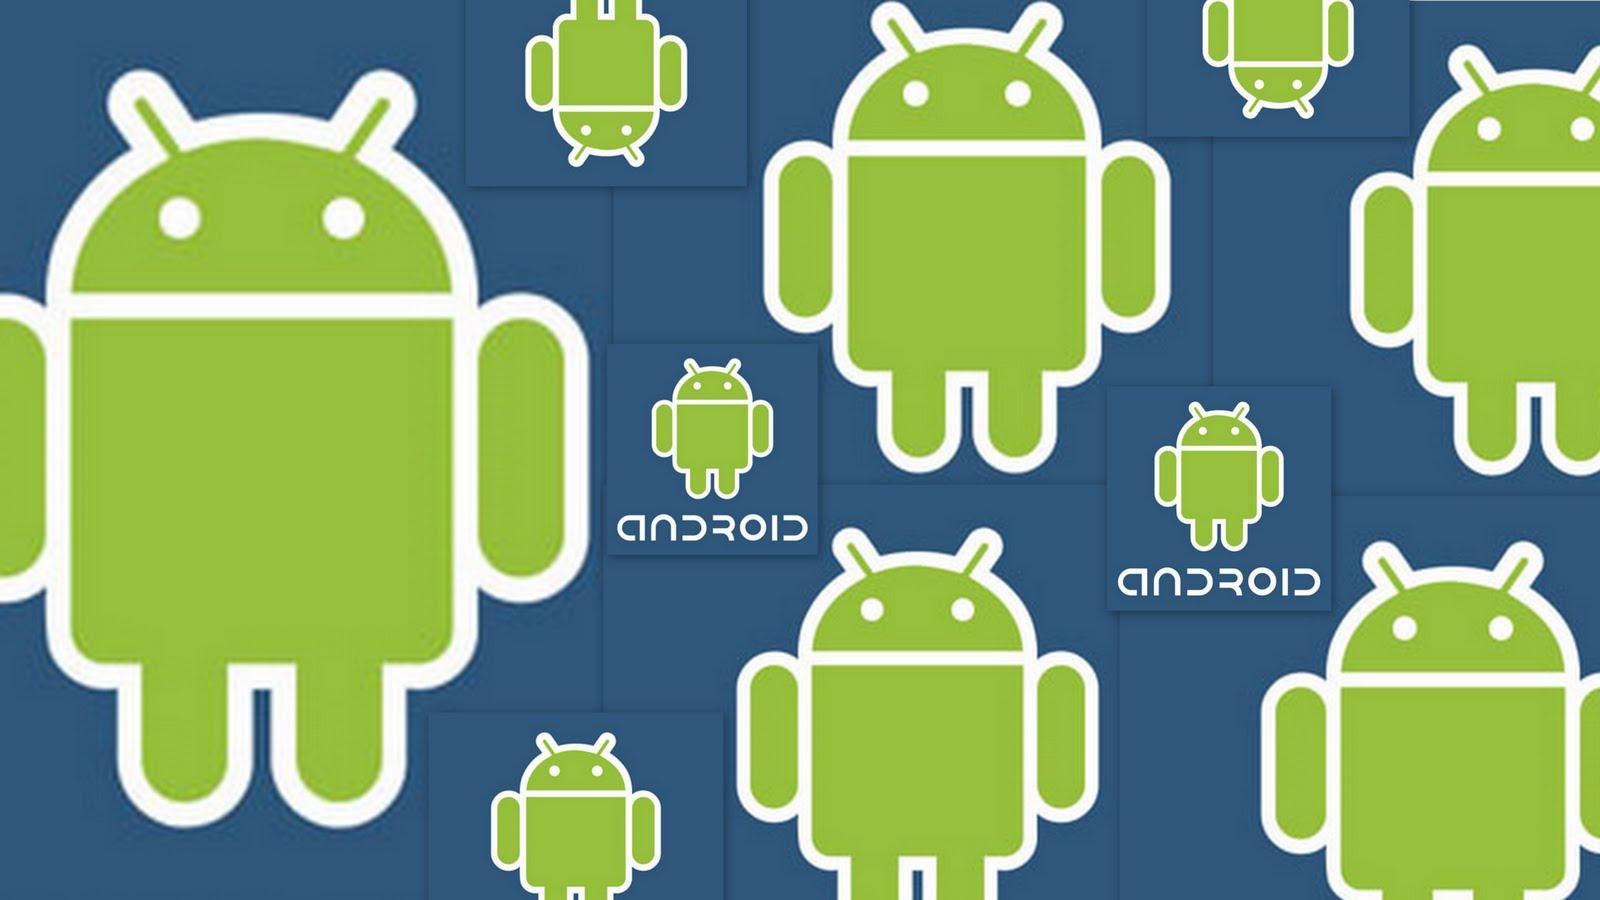 News | Android avrà ancora il dominio incontrastato per tutto il 2012